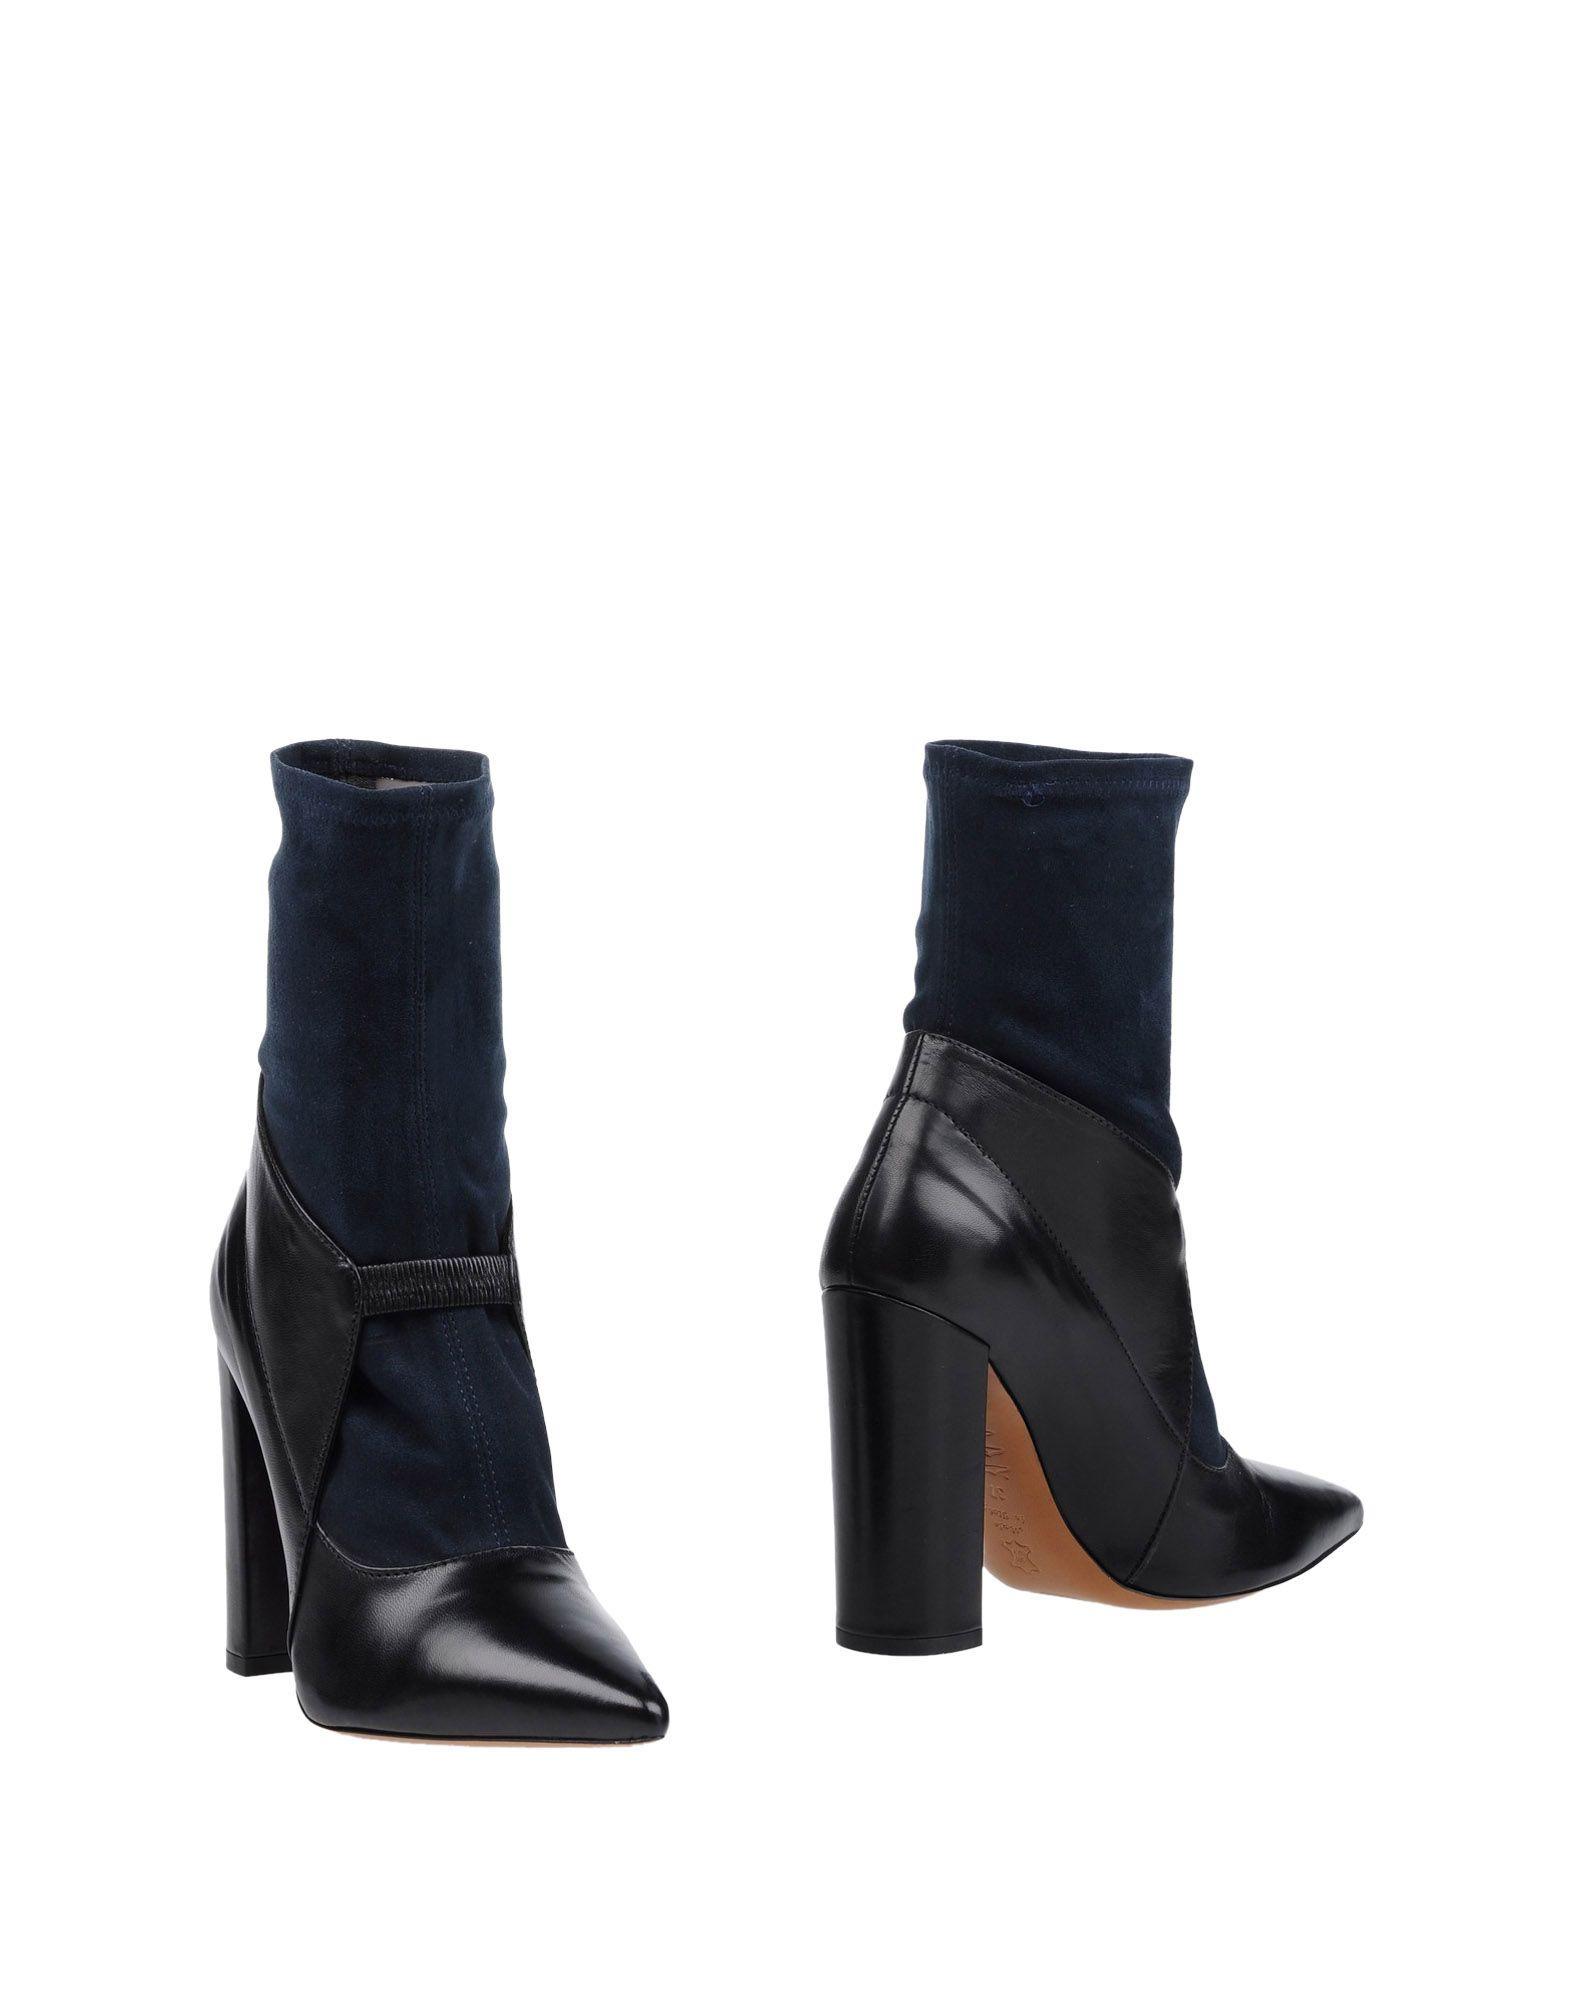 Tiffi Stiefelette Damen Qualität  11369139RB Gute Qualität Damen beliebte Schuhe d3317c